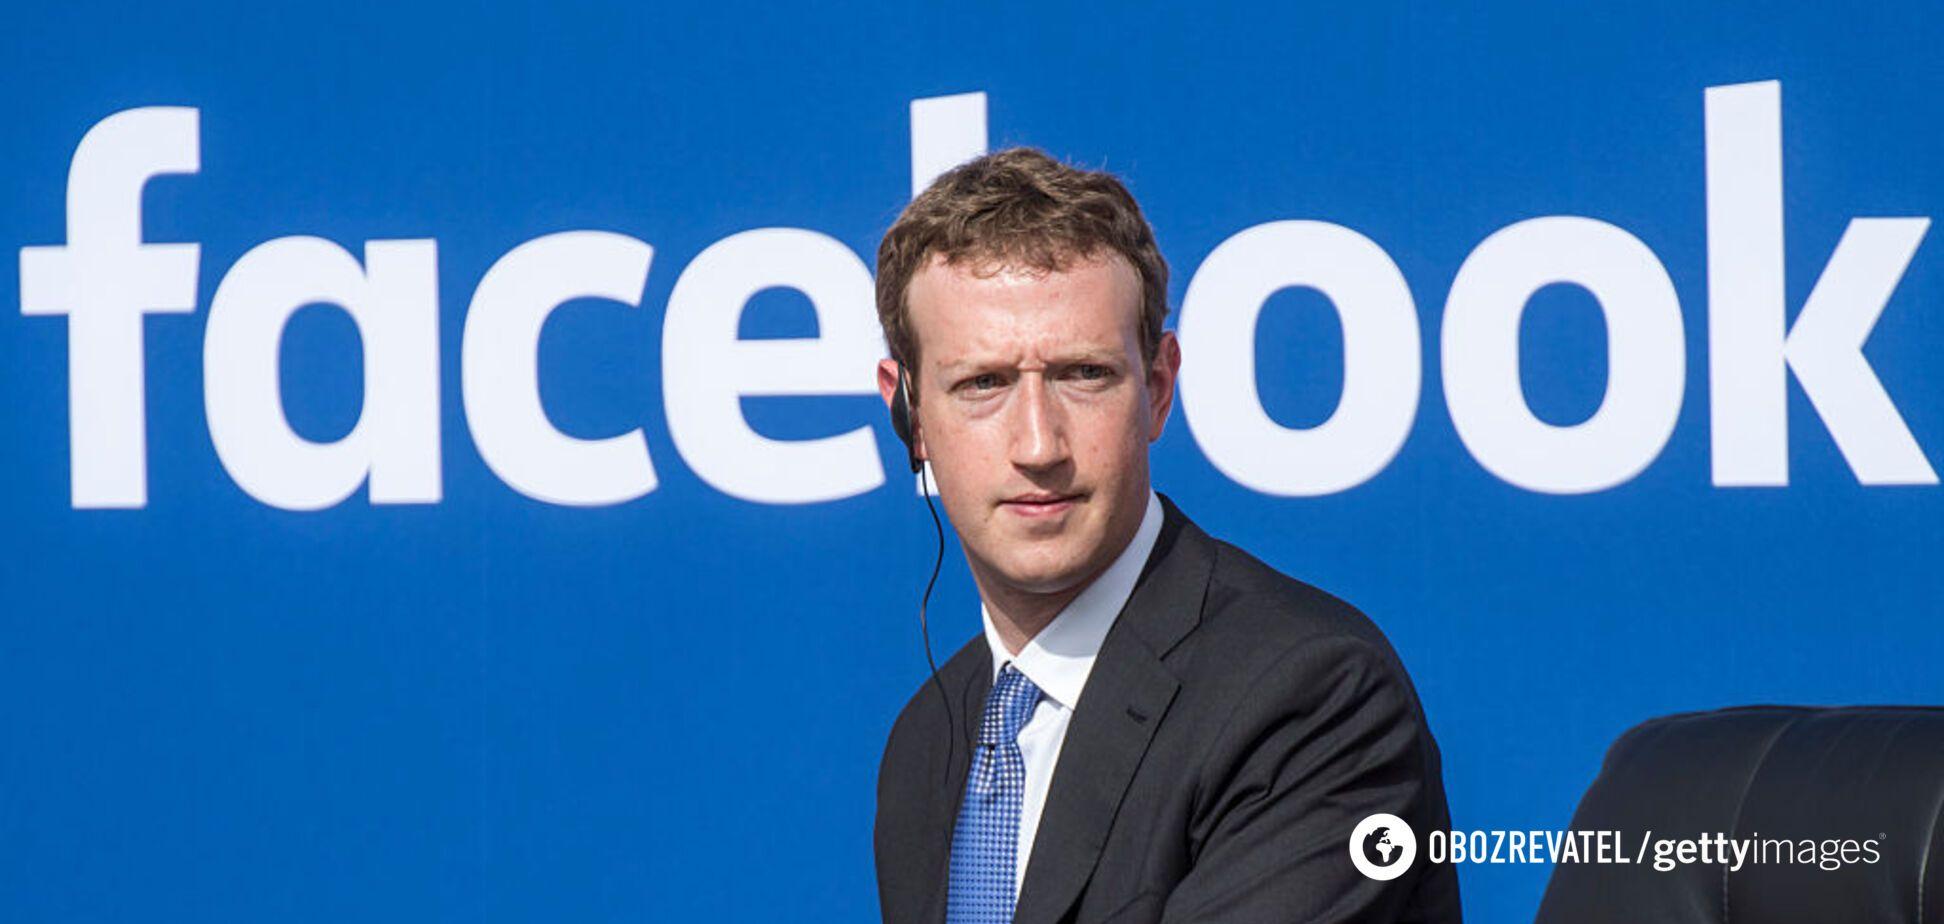 Цукерберг заявил, что Facebook официально сменит название